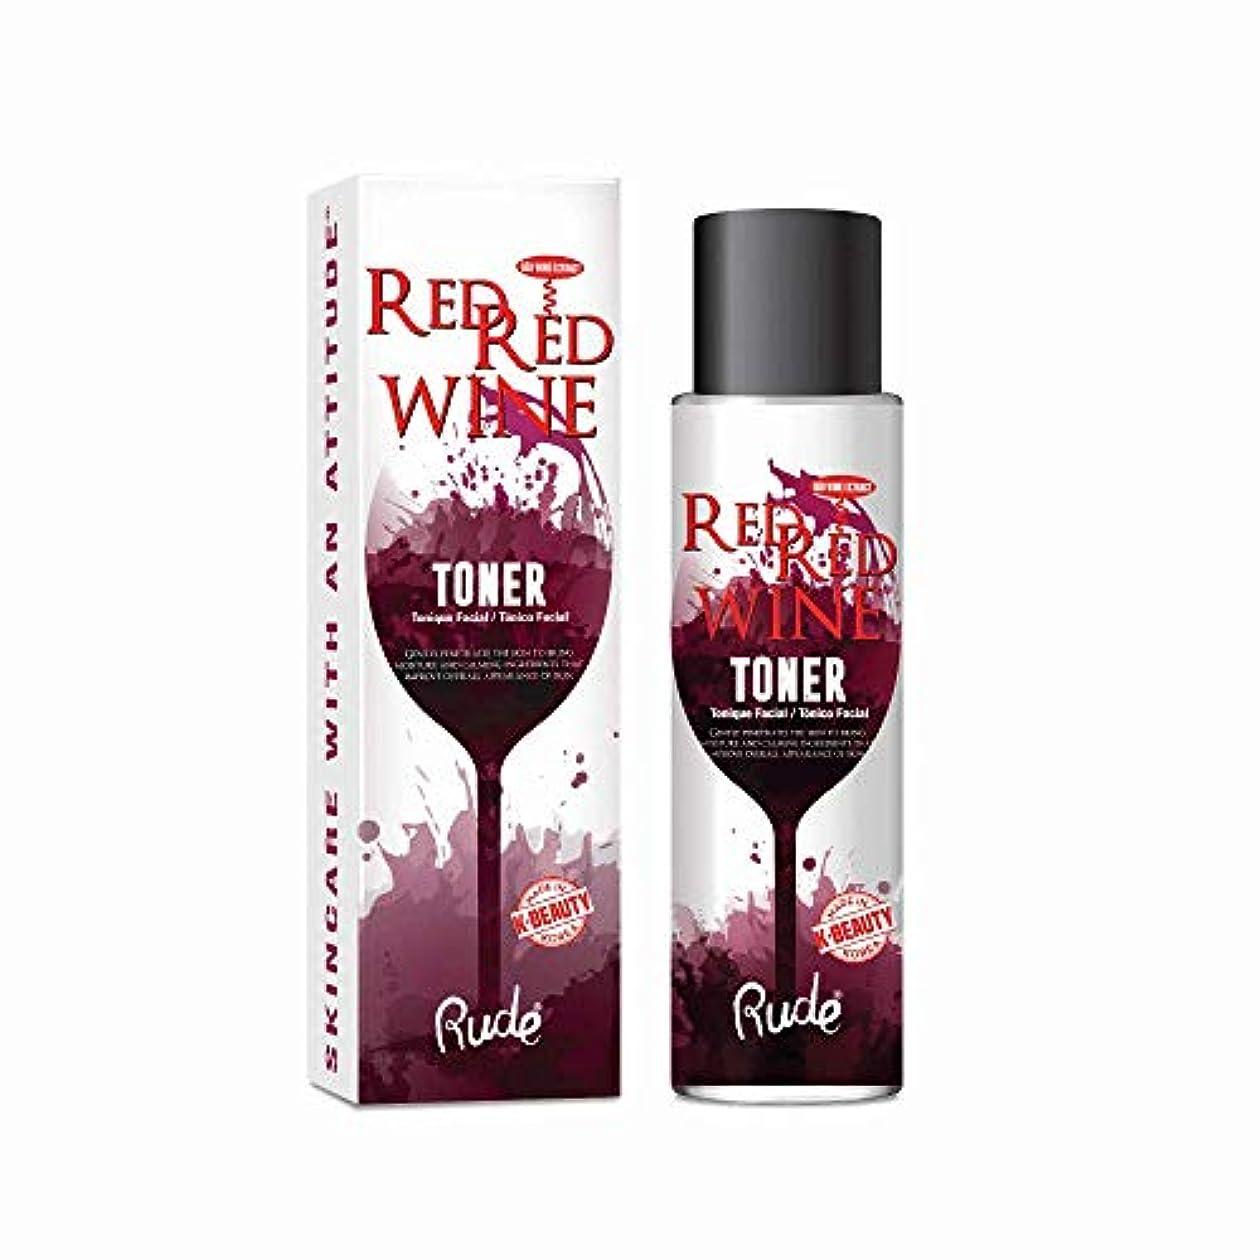 熱狂的な抵抗する仲人(6 Pack) RUDE Red Red Wine Toner (並行輸入品)